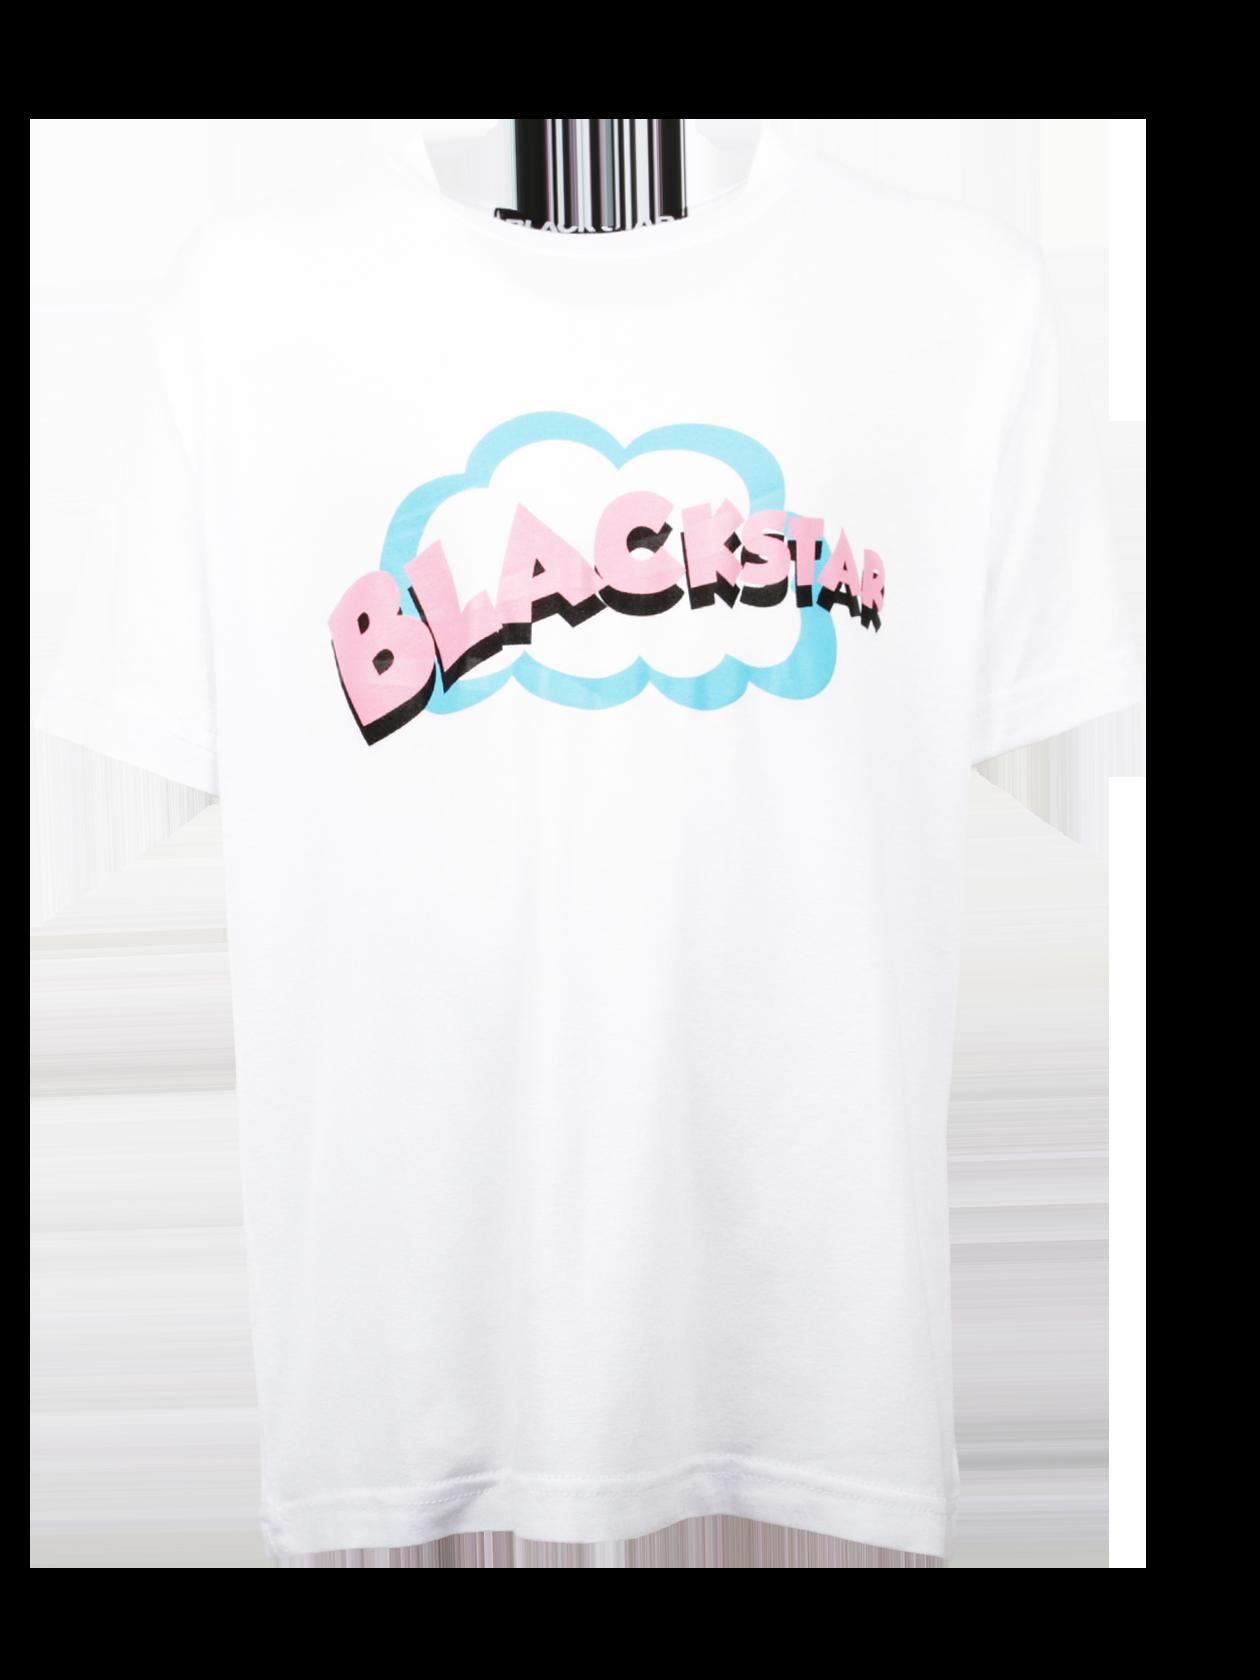 Футболка детская CARTOONS BSМодная и практичная футболка детская Cartoons BS из коллекции Black Star Wear – незаменимая вещь в гардеробе активного ребенка. Изделие обладает прямым свободным кроем, дополнено широким коротким рукавом и неглубокой круглой горловиной. Модель представлена в базовом белом цвете, декорирована принтом с фронтальной стороны в виде облака и надписи Black Star. Изготовленная из высококачественного 100% хлопка, футболка гарантирует максимальный комфорт во время движений.<br><br>Размер: 6 years<br>Цвет: Белый<br>Пол: Унисекс